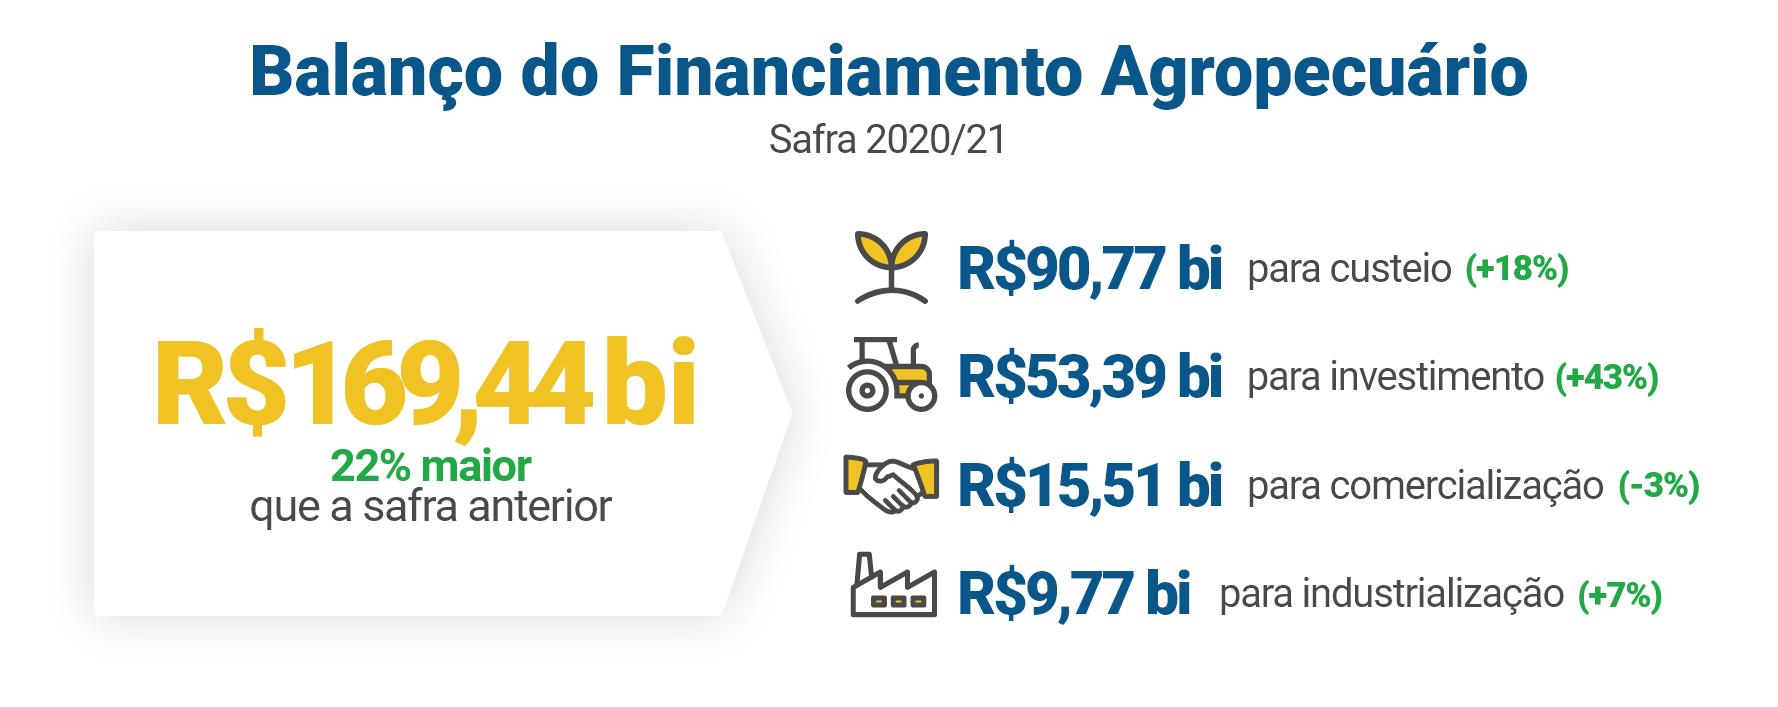 Balanço do Financiamento Agropecuário